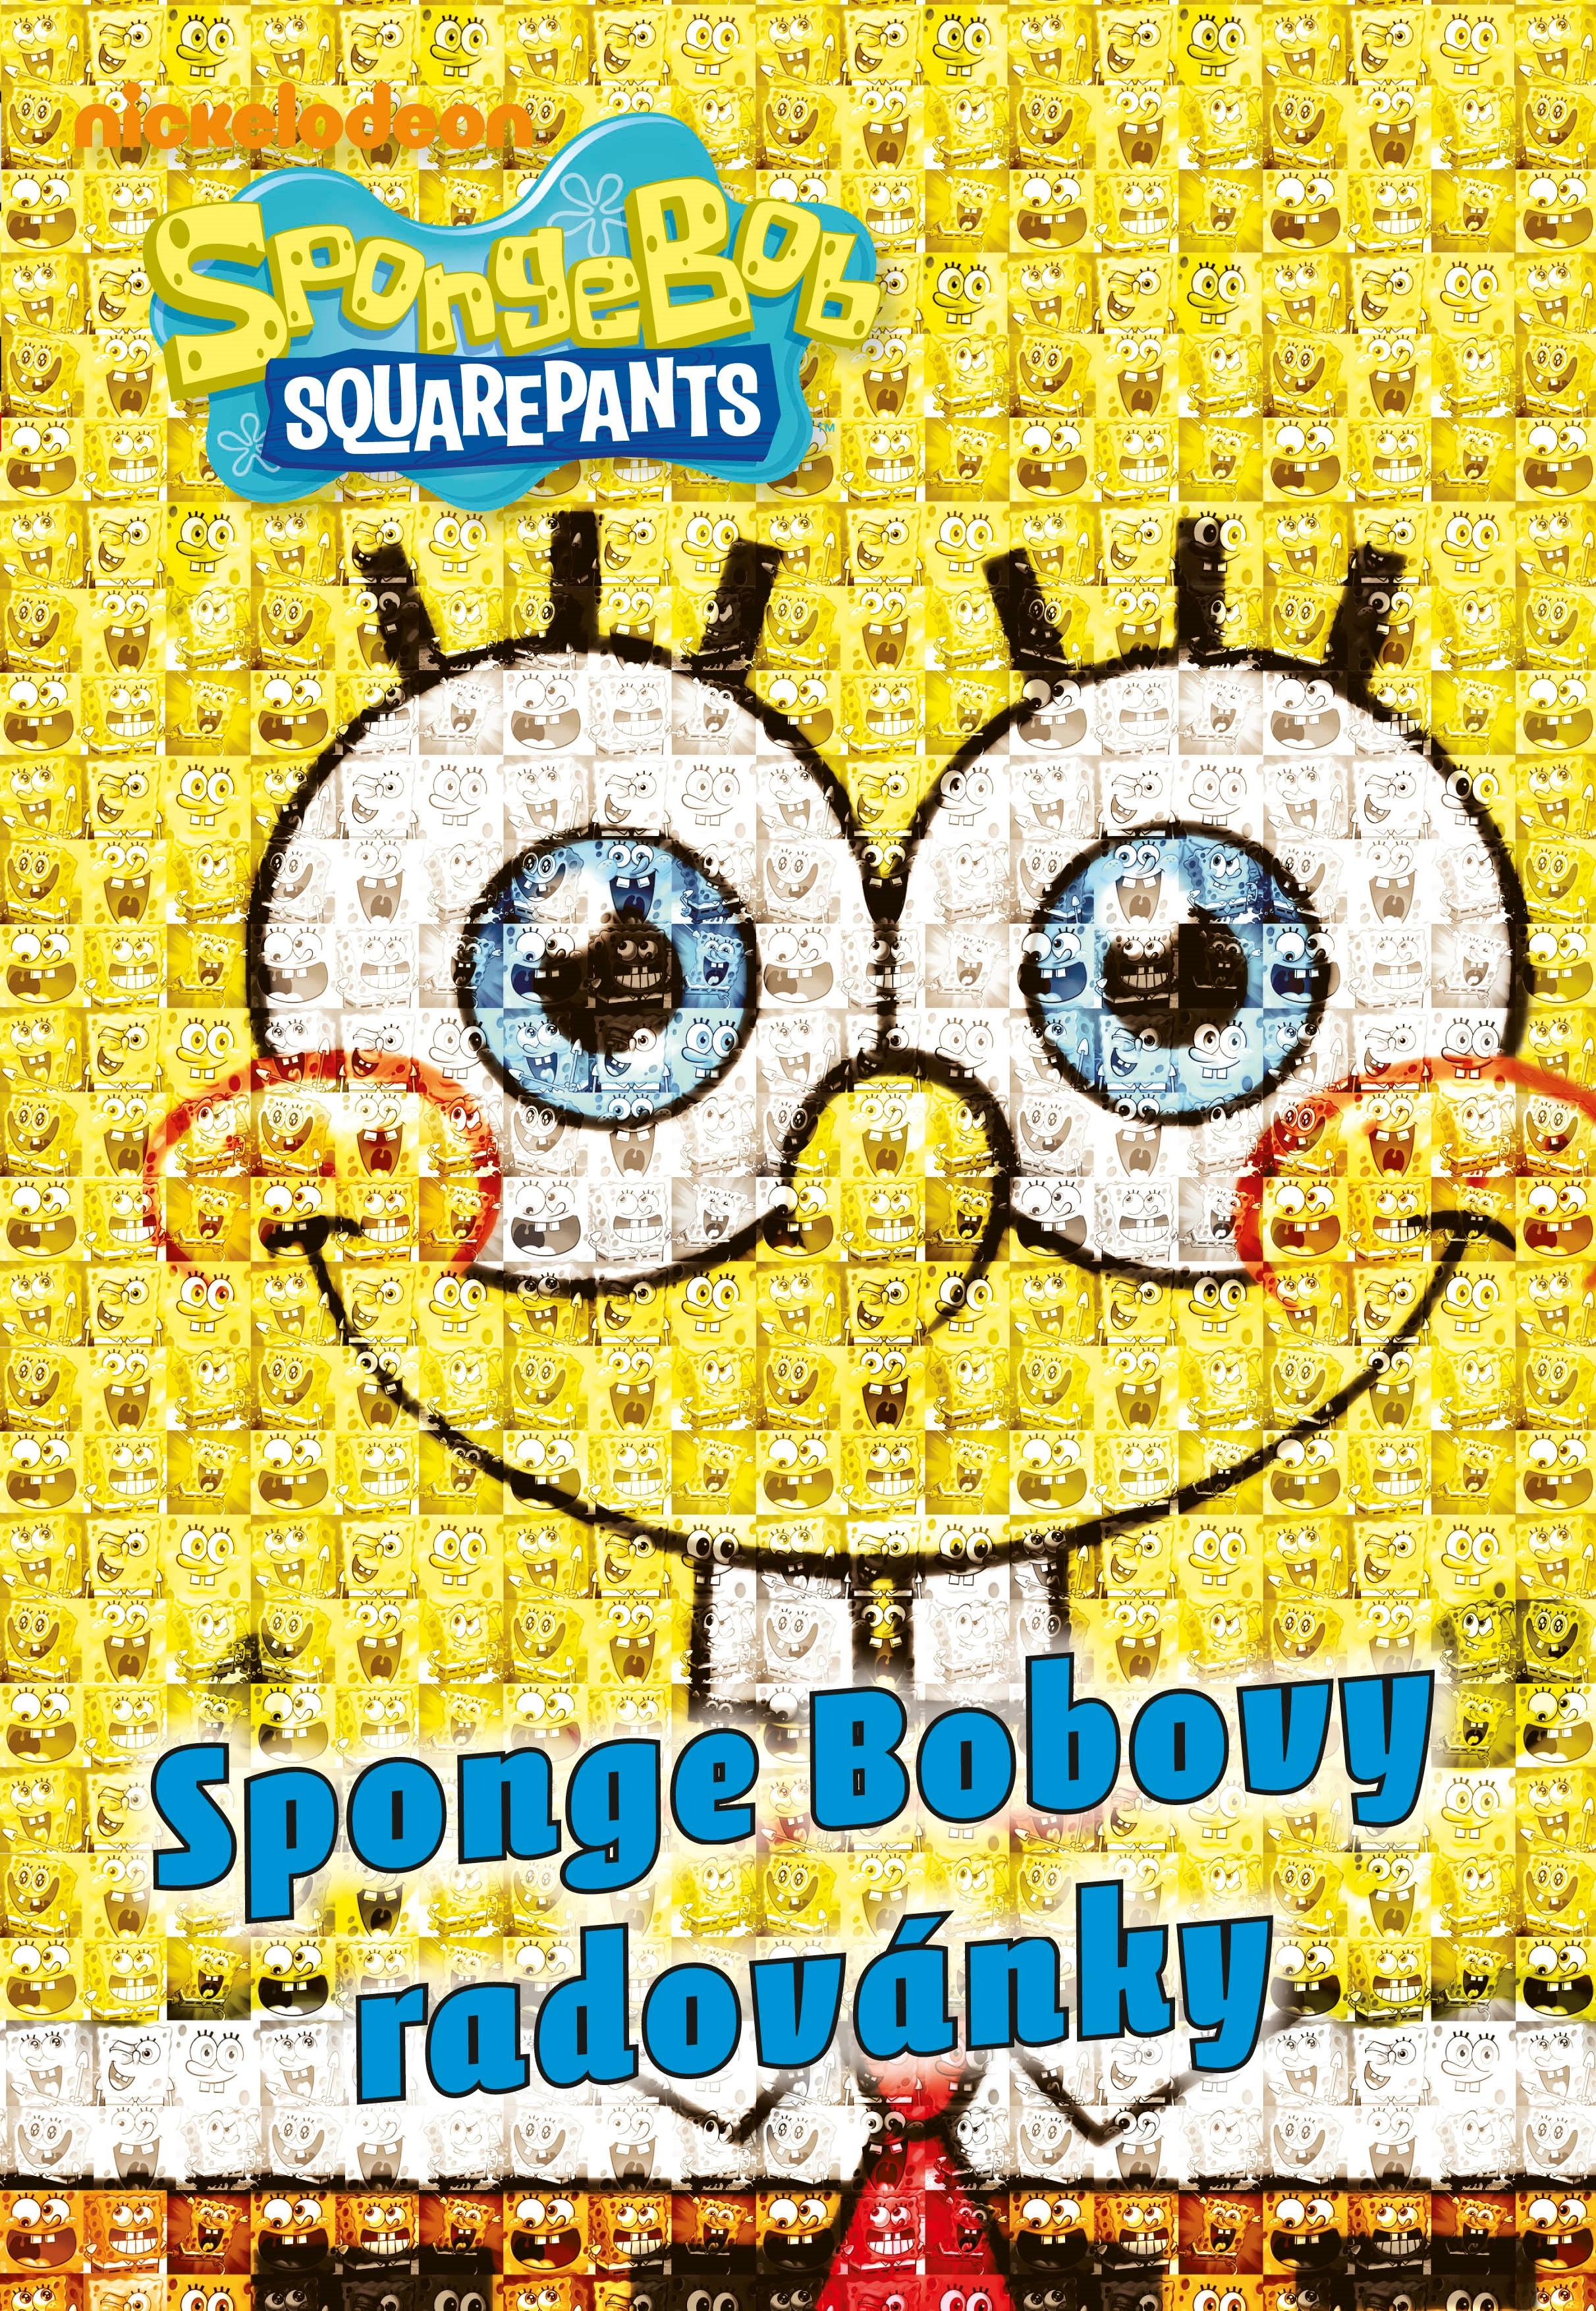 SpongeBobovy radovánky | Gemma Barderová, kolektiv